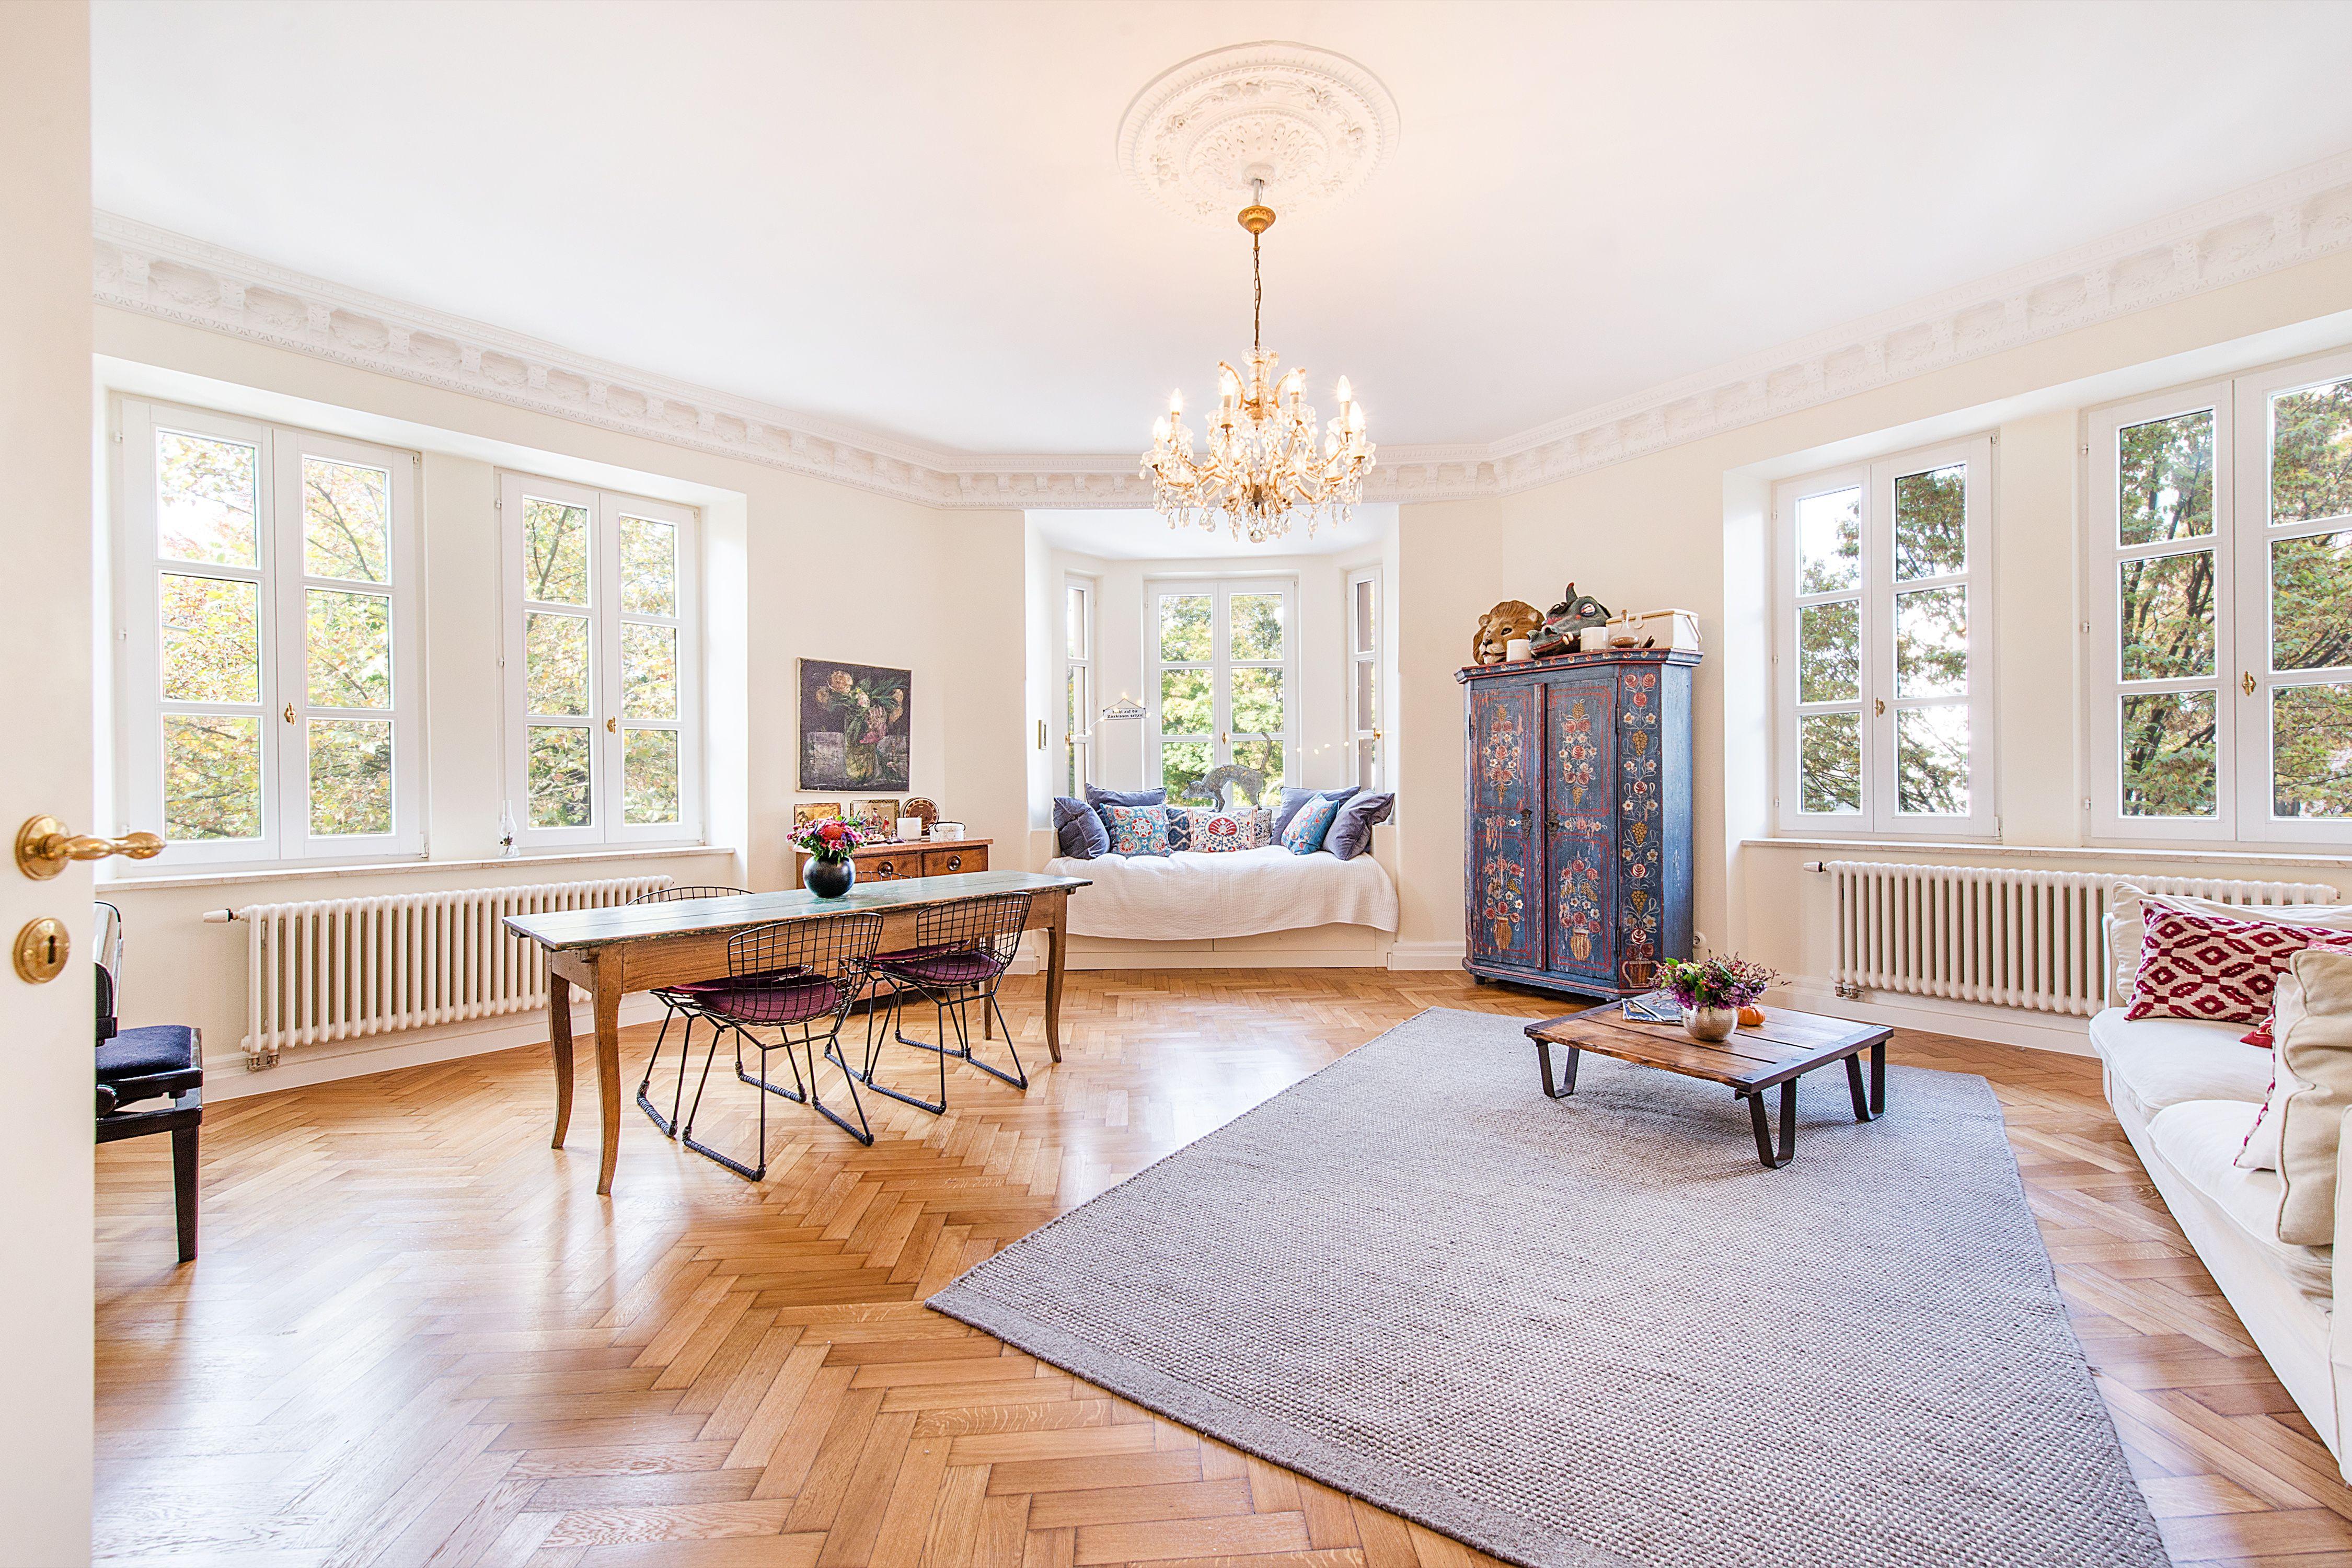 Altbauwohnung Renovieren pin riedel immobilien auf estate